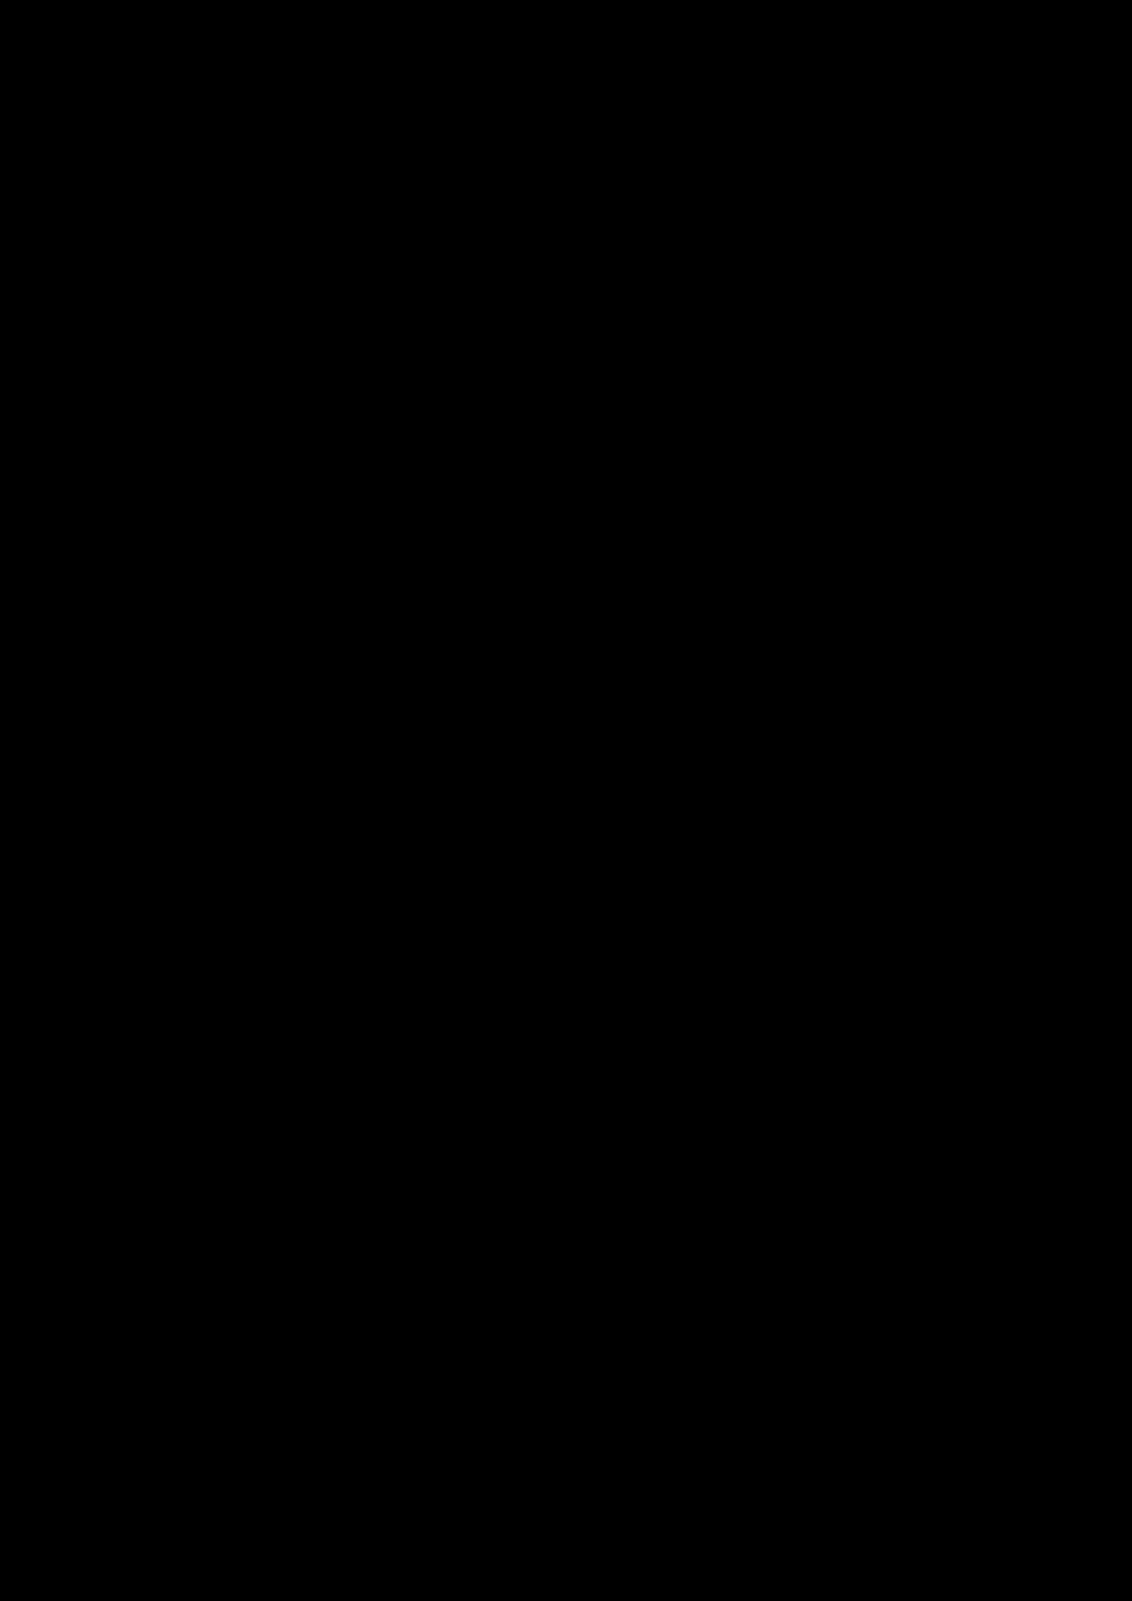 Proschanie s volshebnoy stranoy slide, Image 96